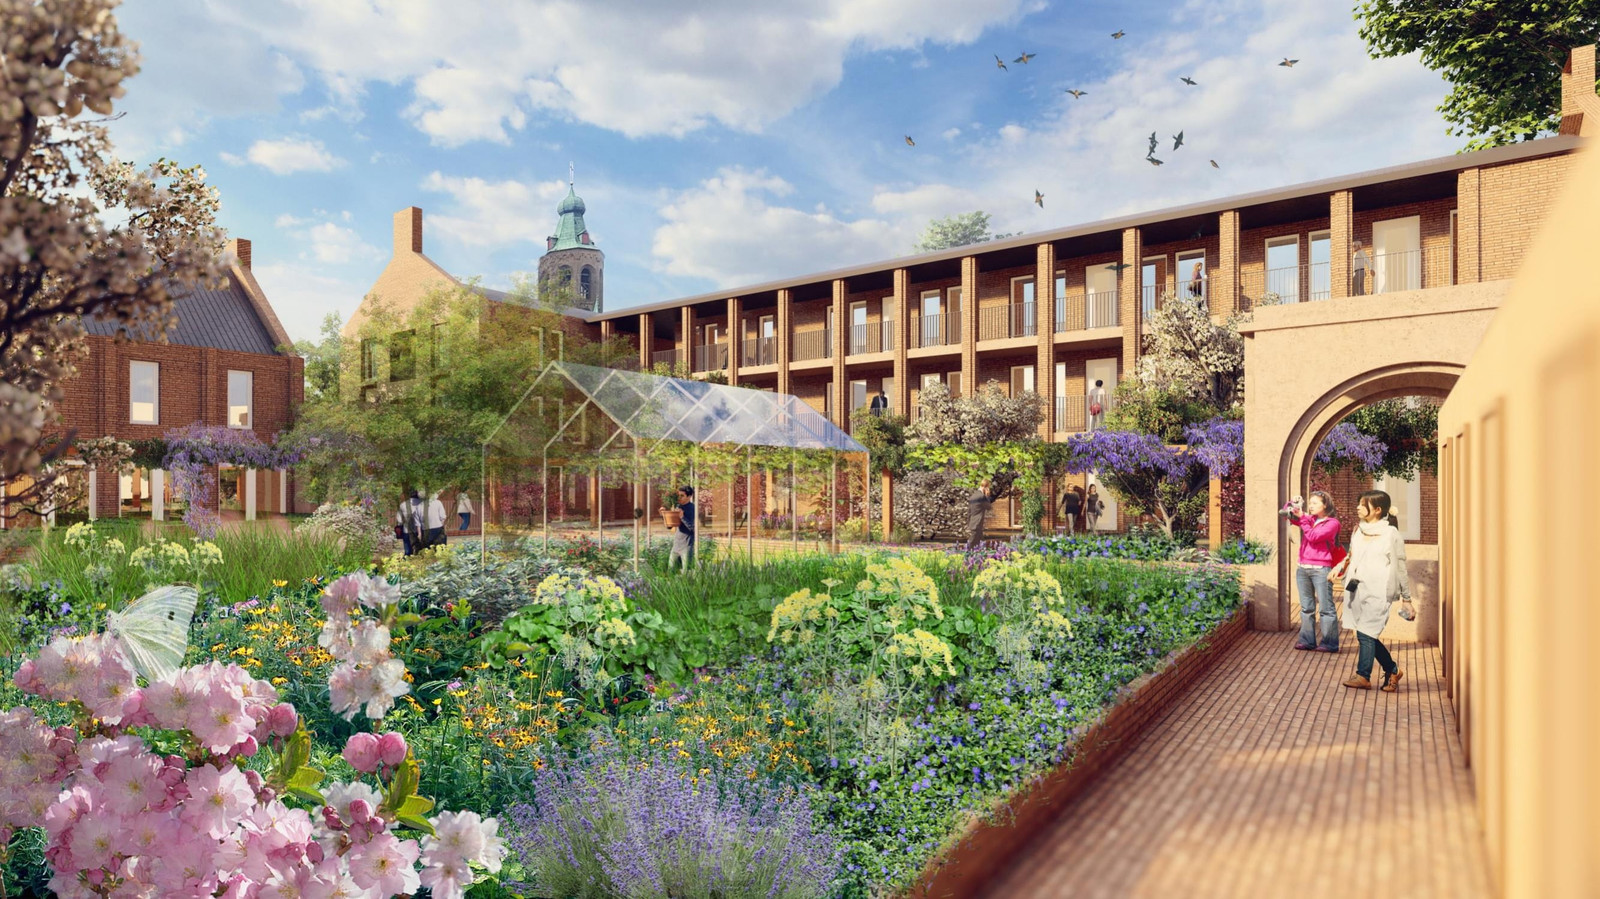 Impressies van nieuwbouwplan Hof van Huesse op de plek van de zogenoemde Aloysiuslocatie in Huissen.